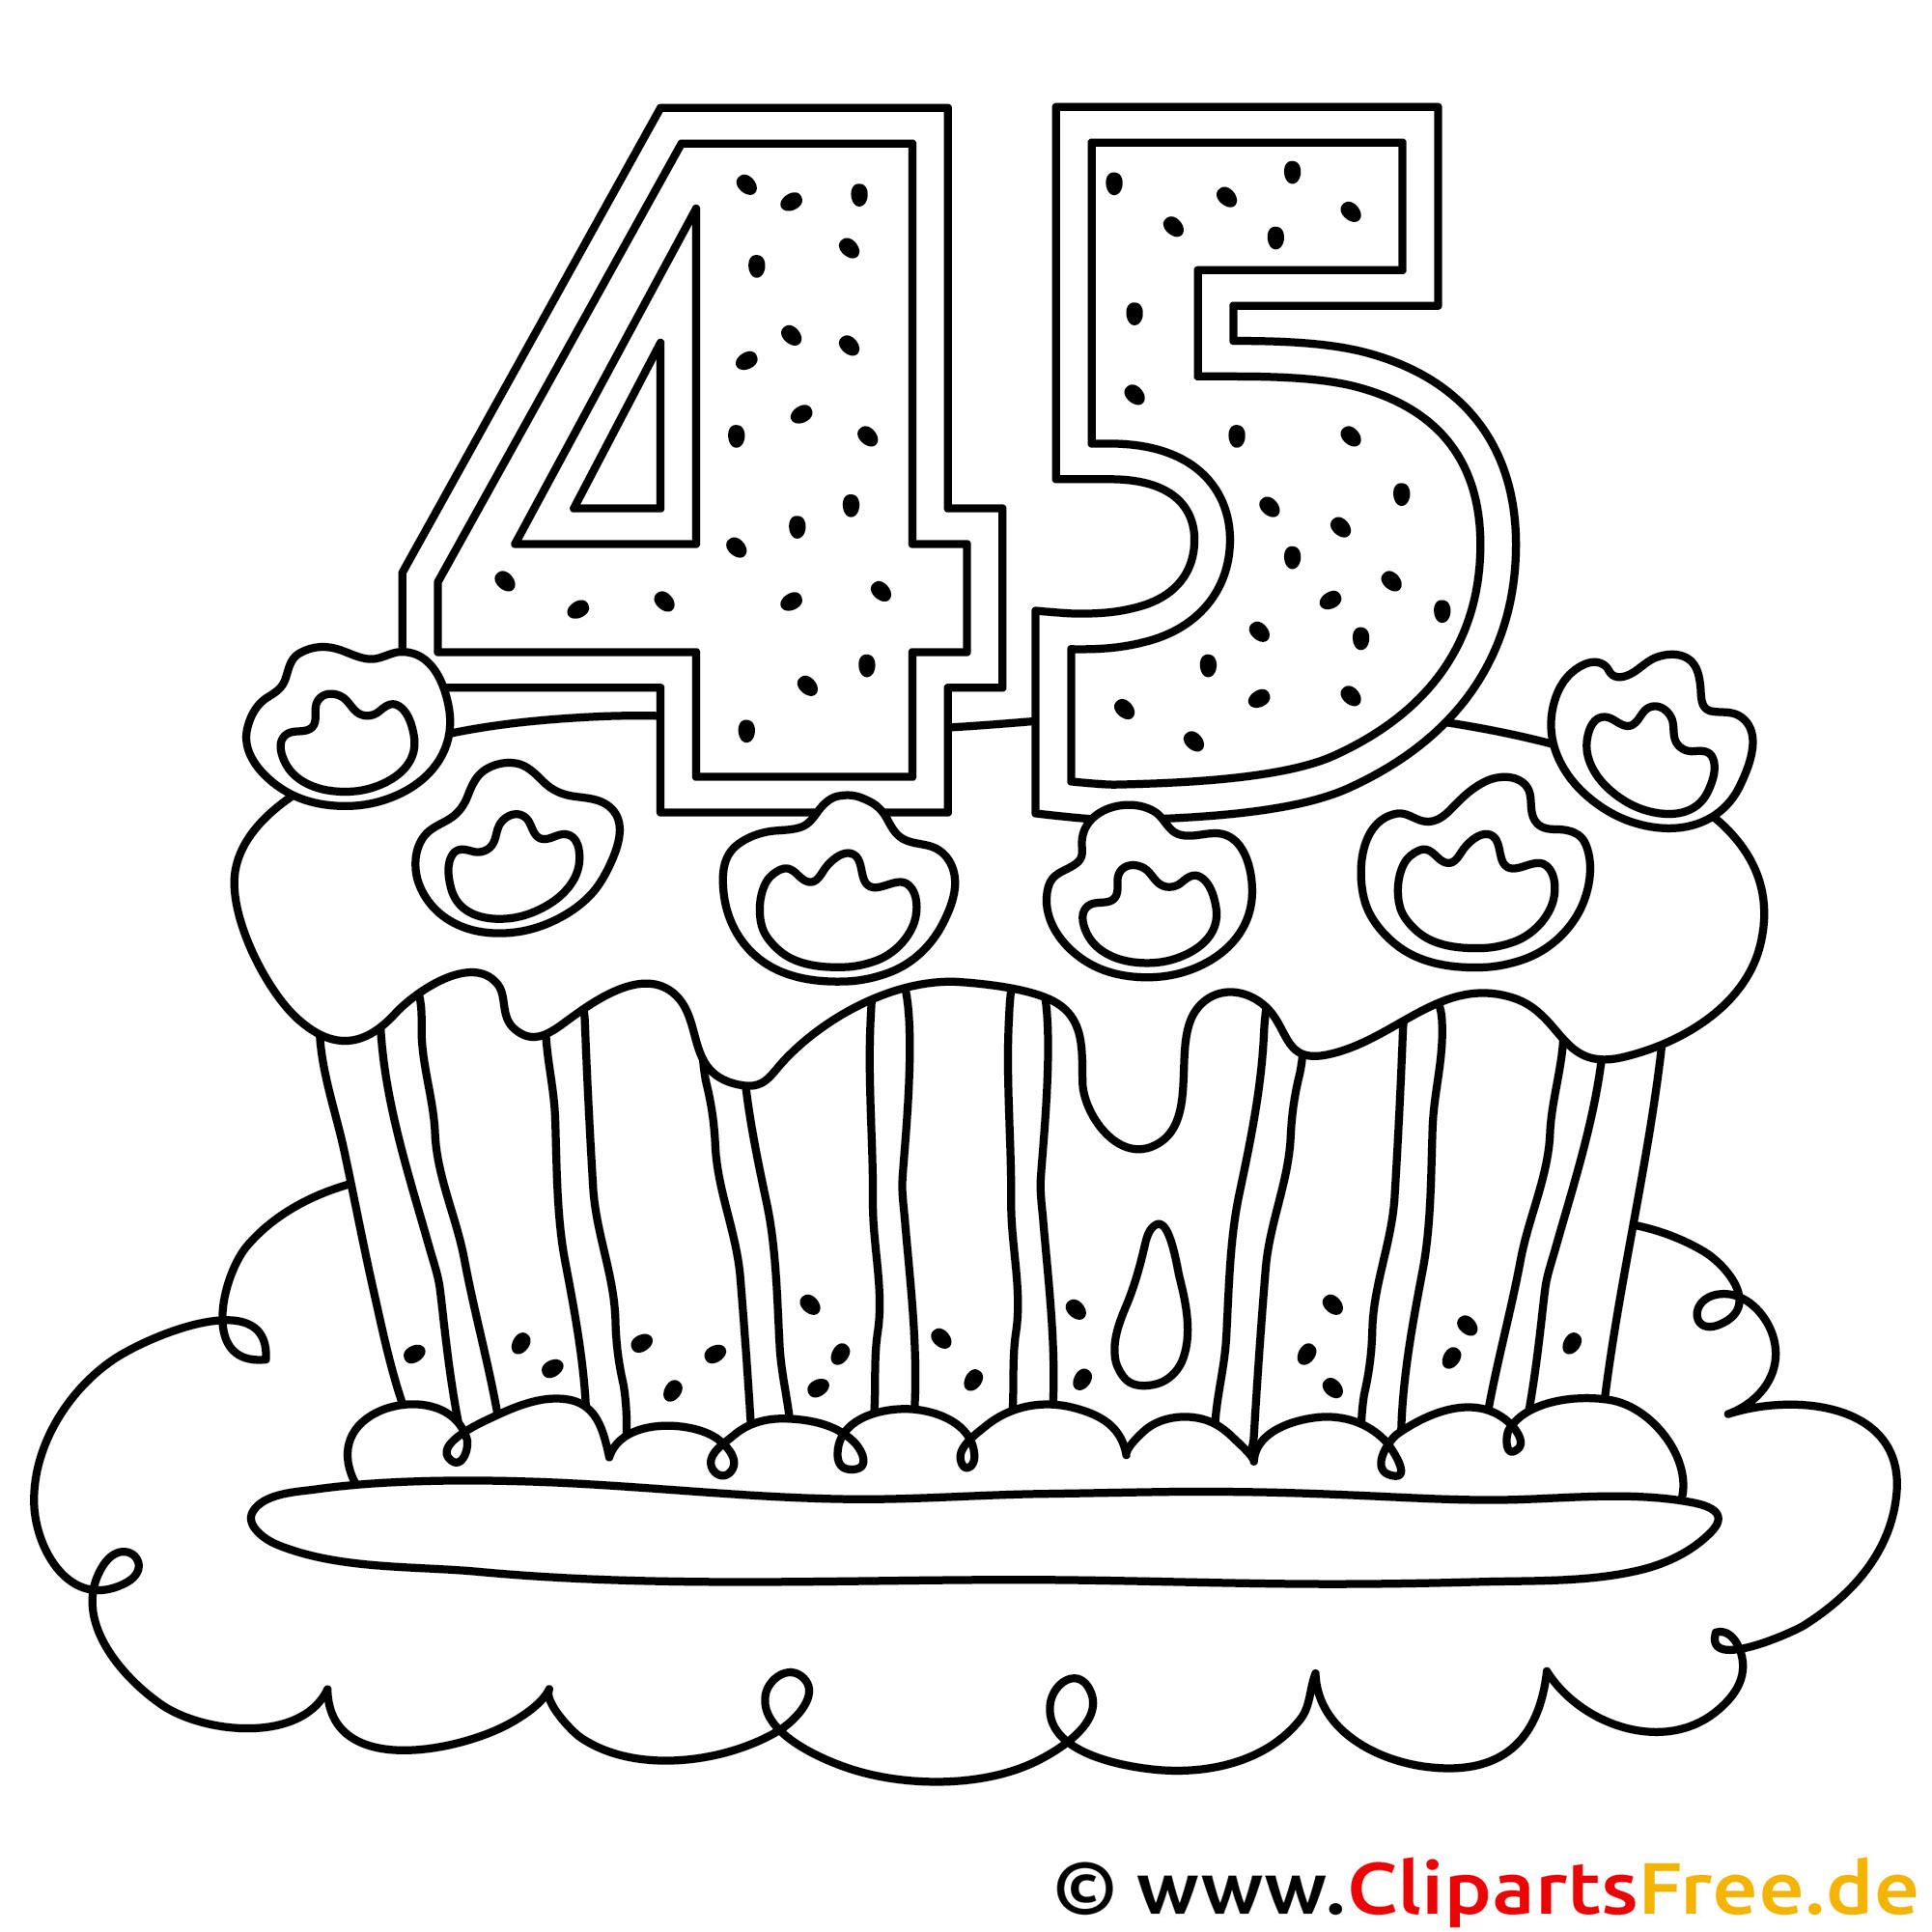 Ausmalbild zum Geburtstag - Geburtstagskuchen